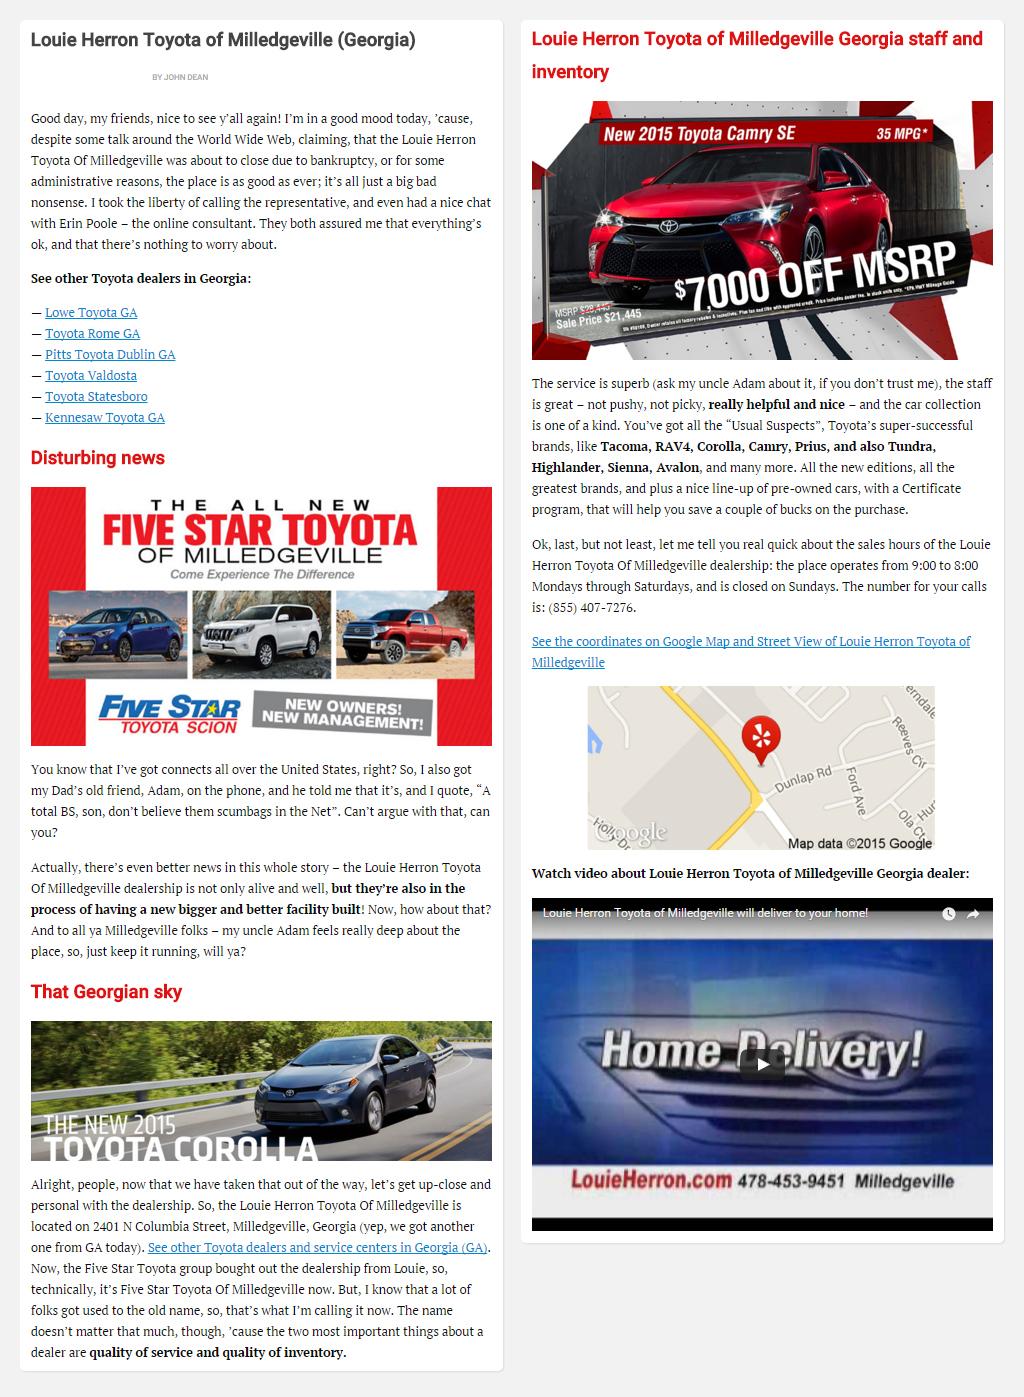 """Постинг статьи """"Louie Herron Toyota of Milledgeville (Georgia)"""""""